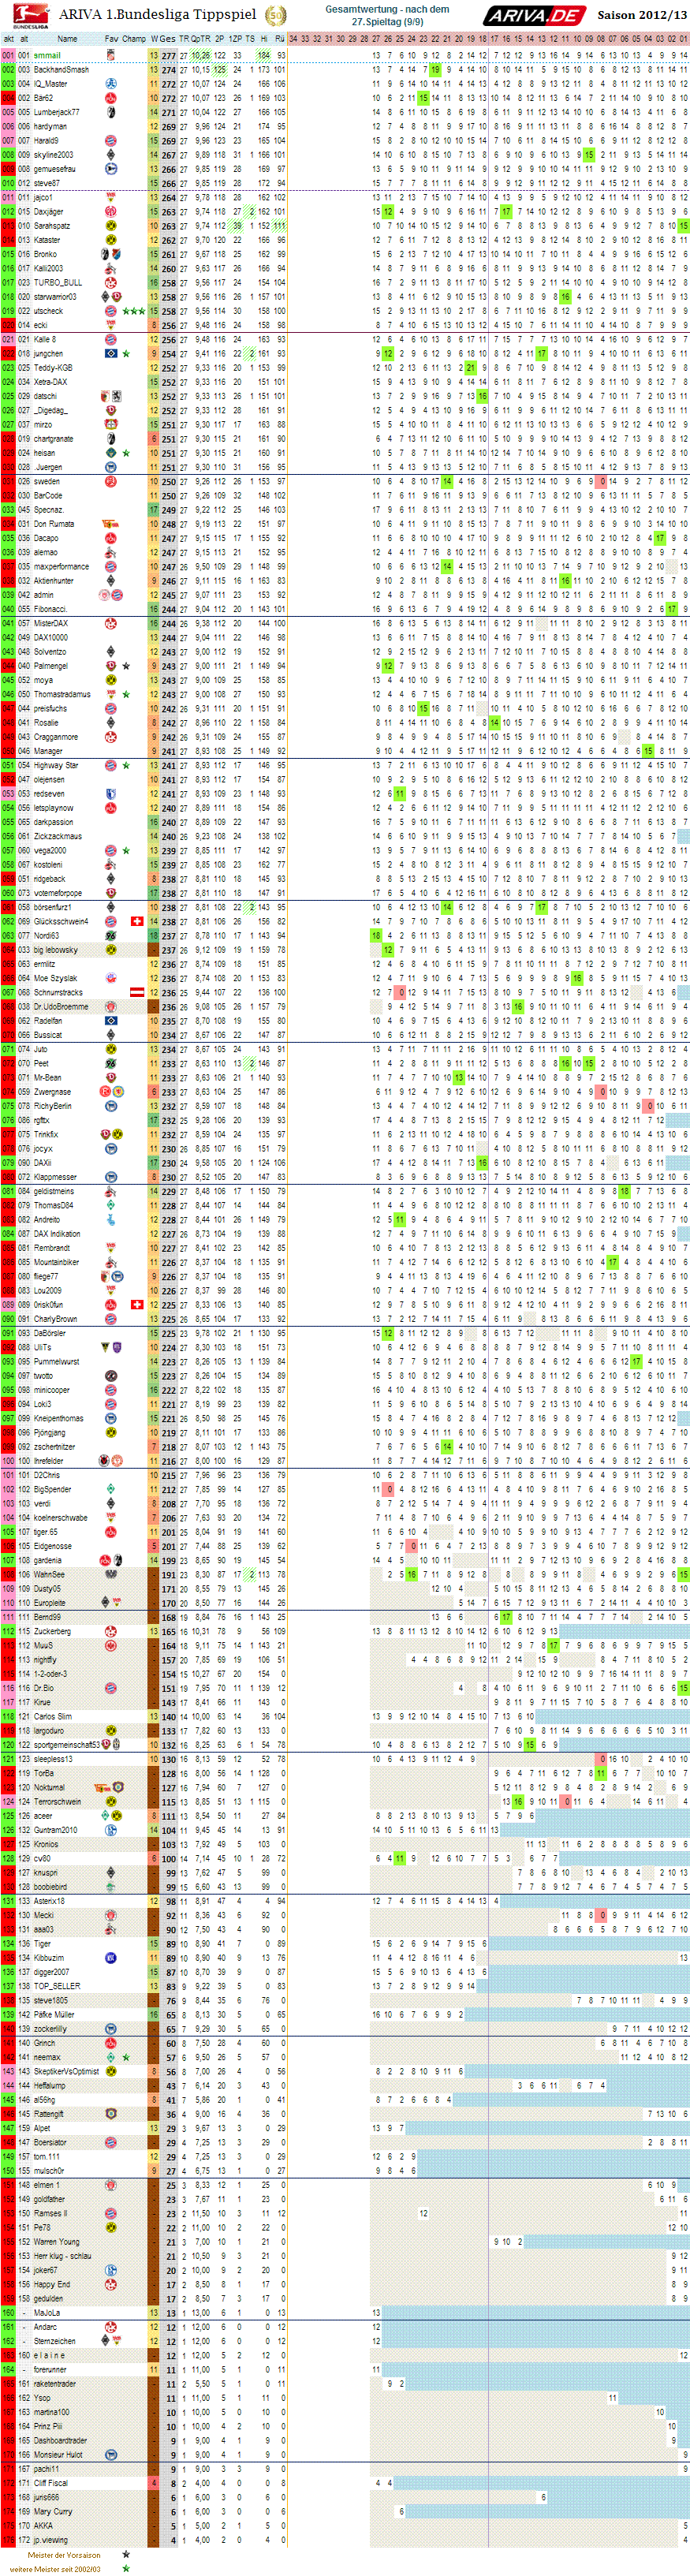 1bl_gesamtwertung_27.png